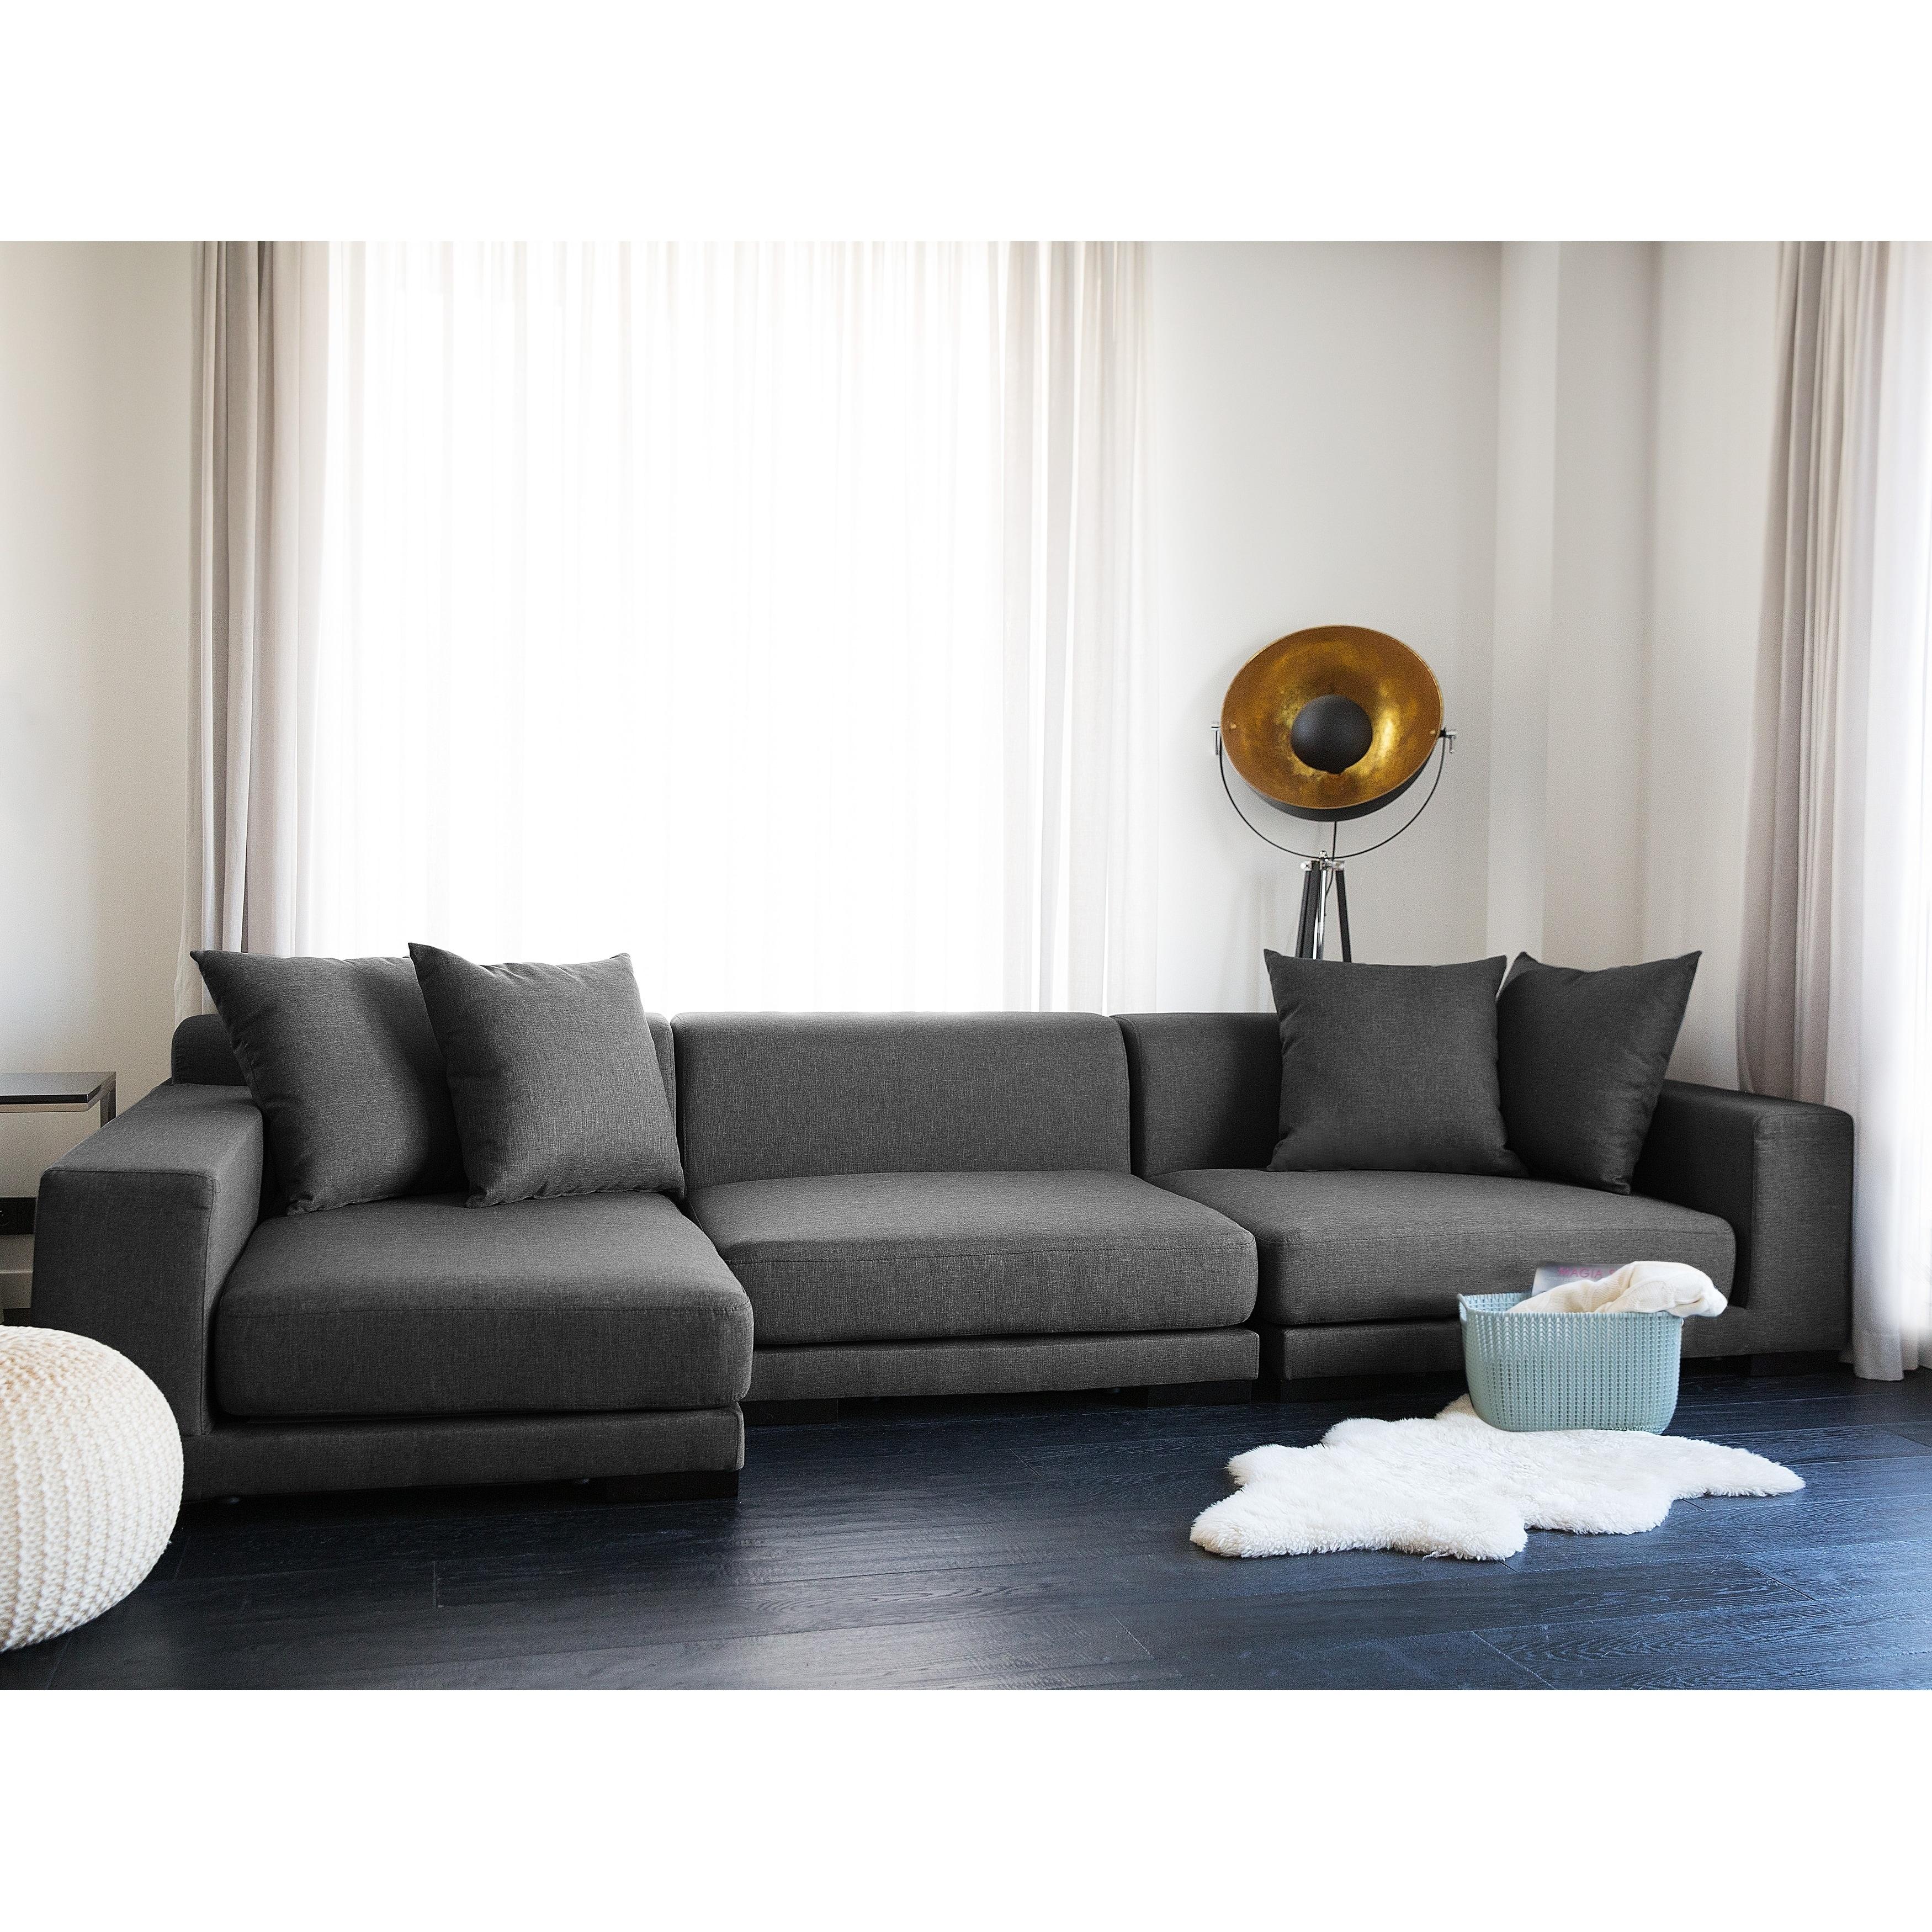 Modular Sectional Sofa Gray Fabric R Cloud